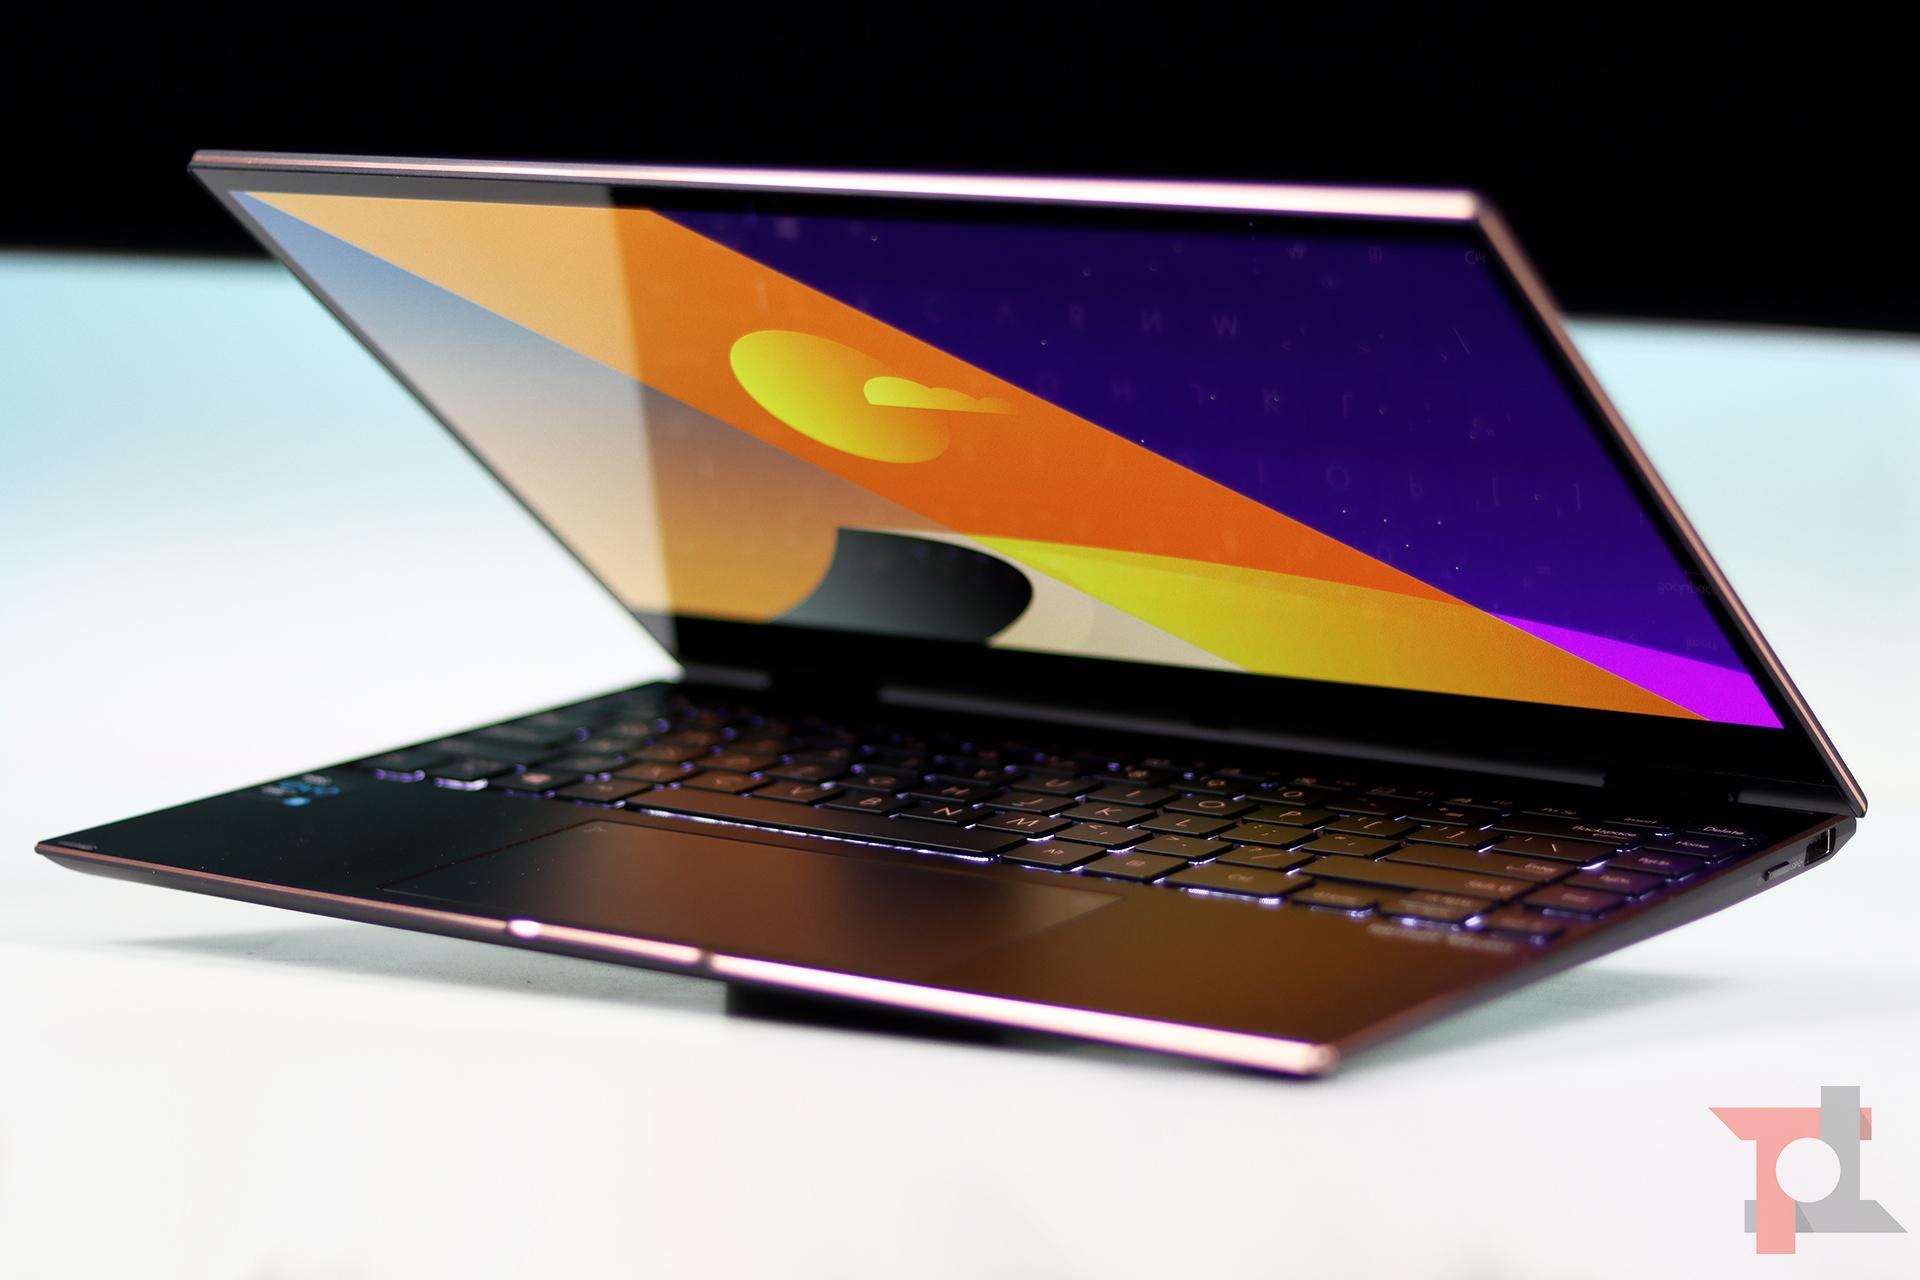 Asus Zenbook Flip S prezzo